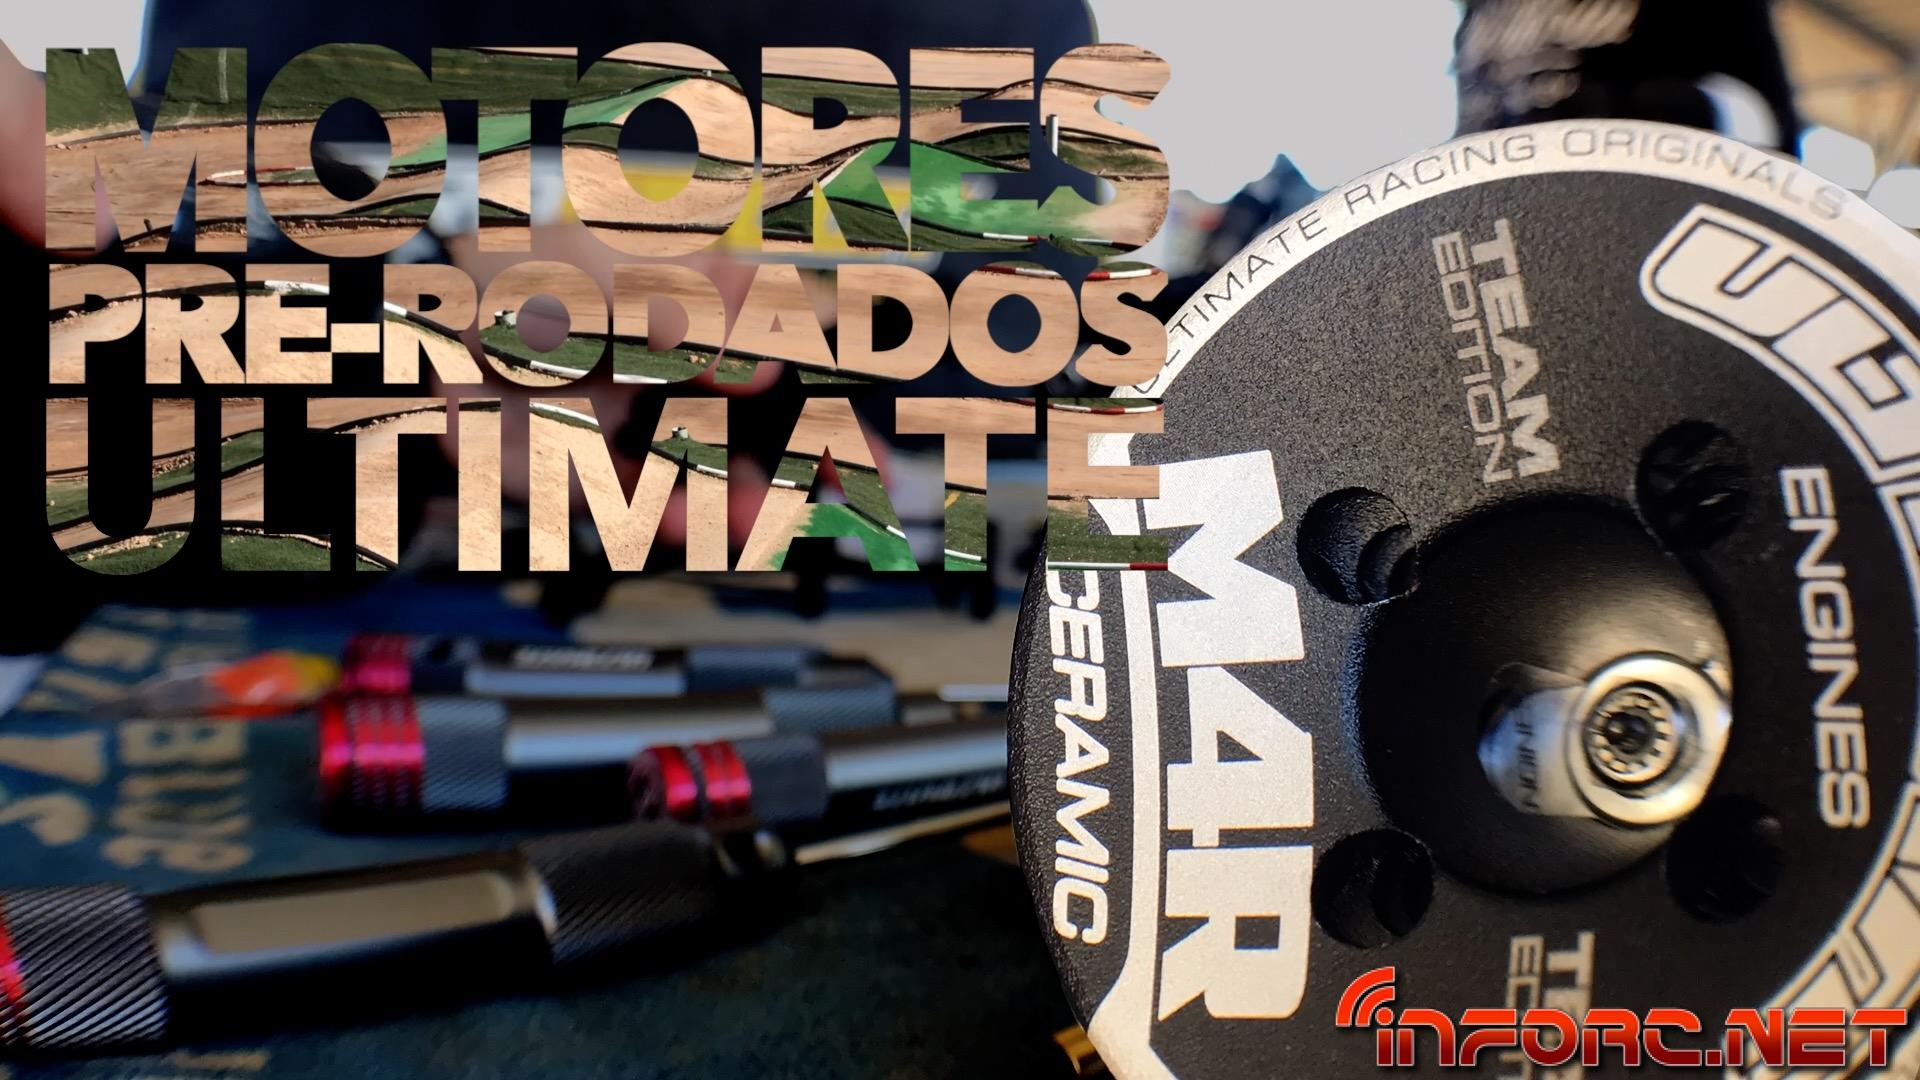 Video - Primer arranque Ultimate M4R pre rodado y entrevista a Marc Ibars